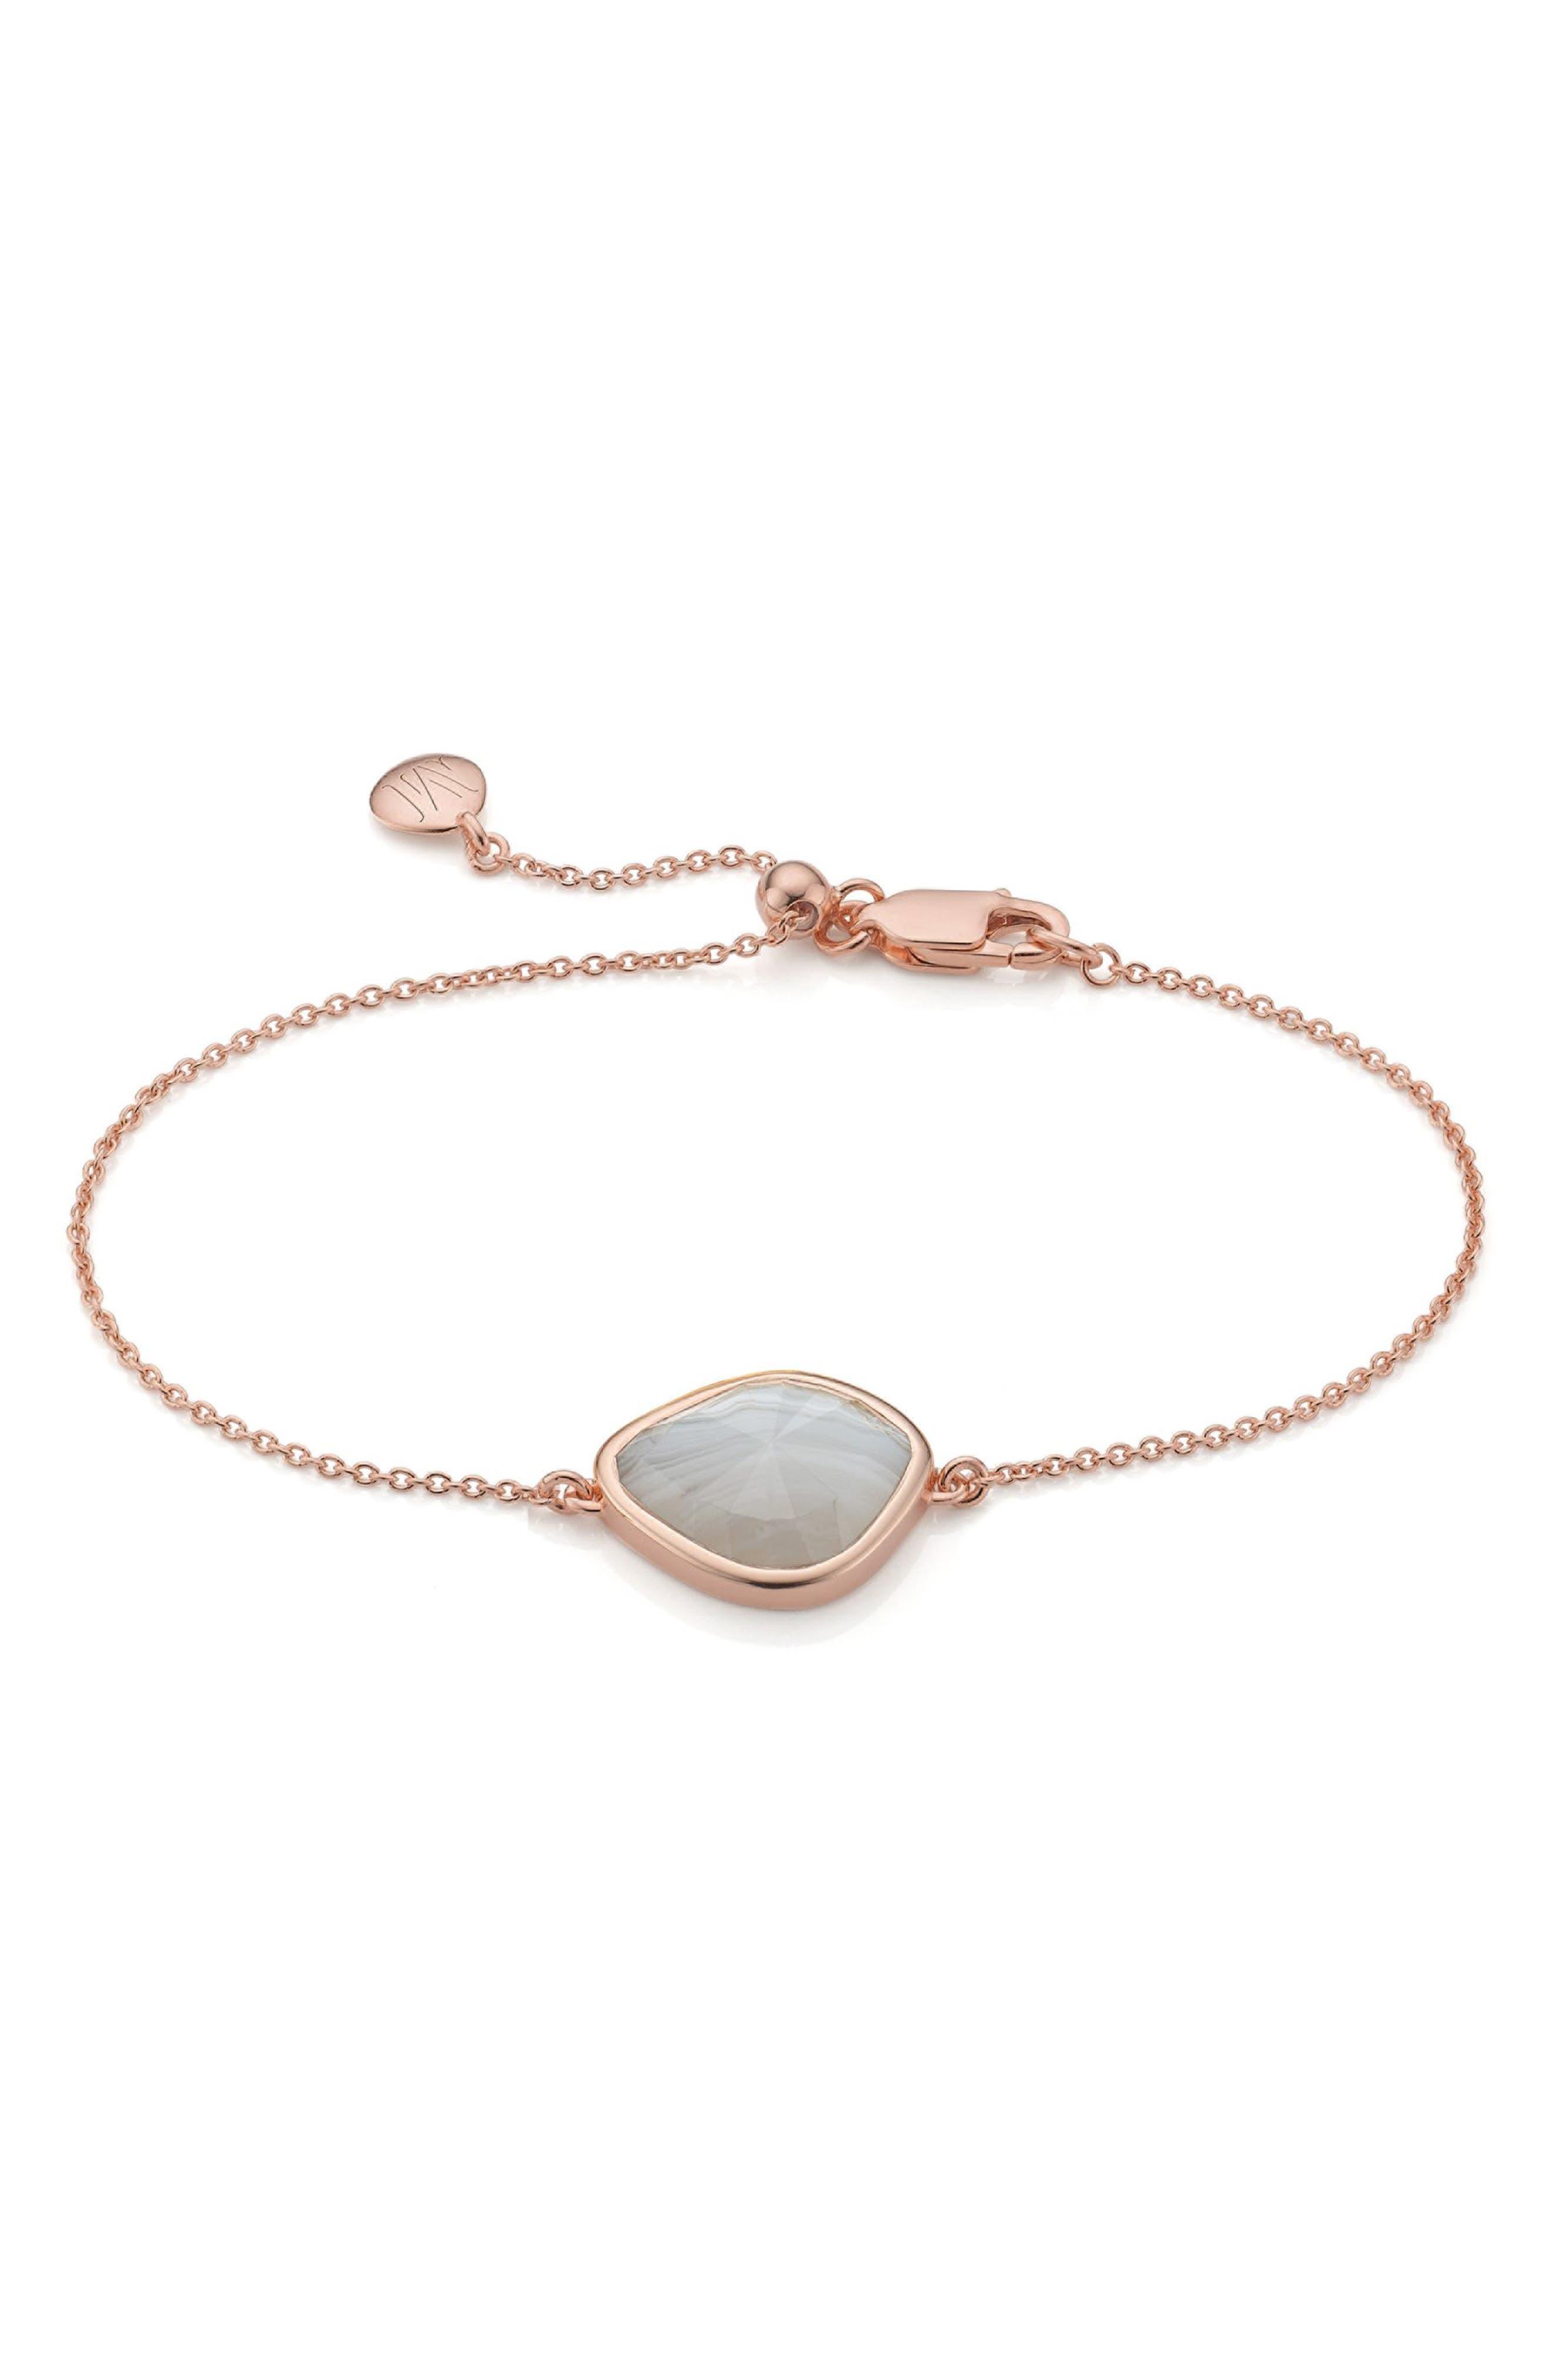 Siren Nugget Bracelet,                         Main,                         color, GREY AGATE/ ROSE GOLD